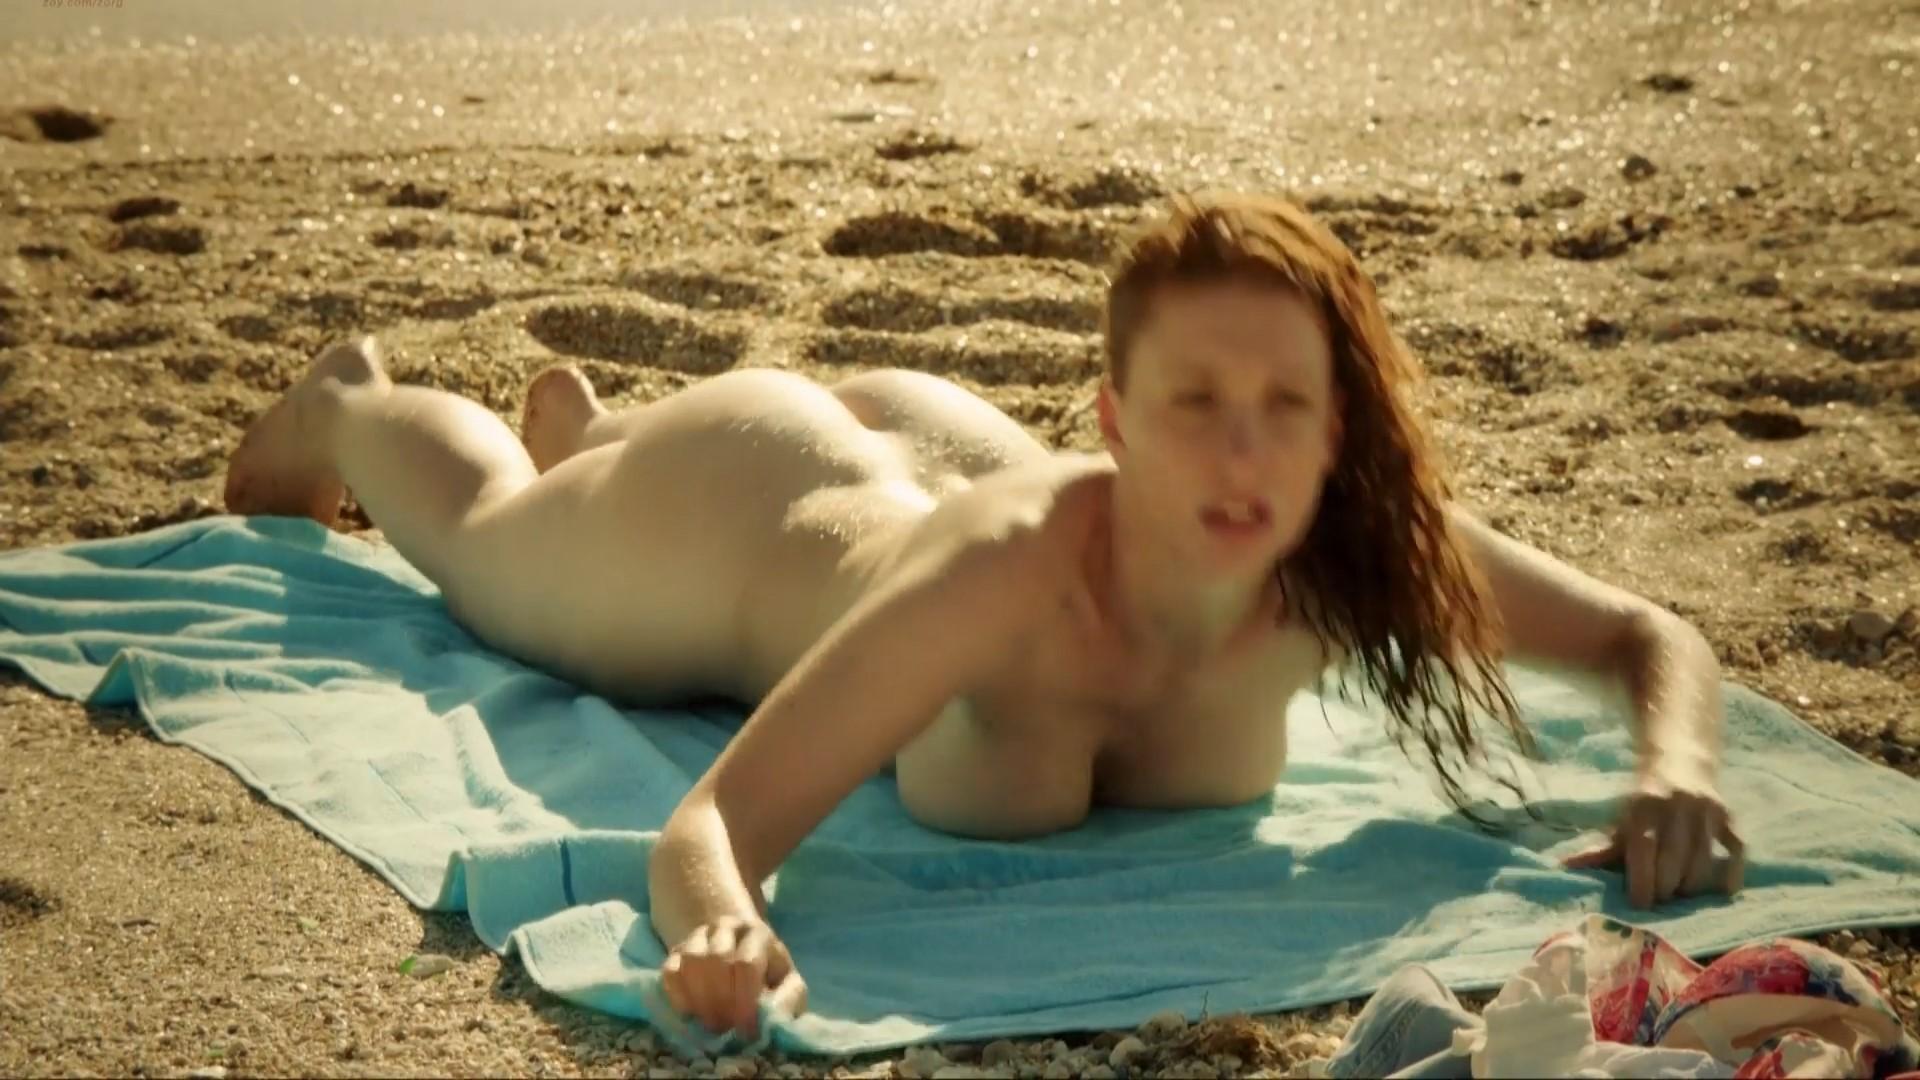 Lola-Naymark-Nude-7